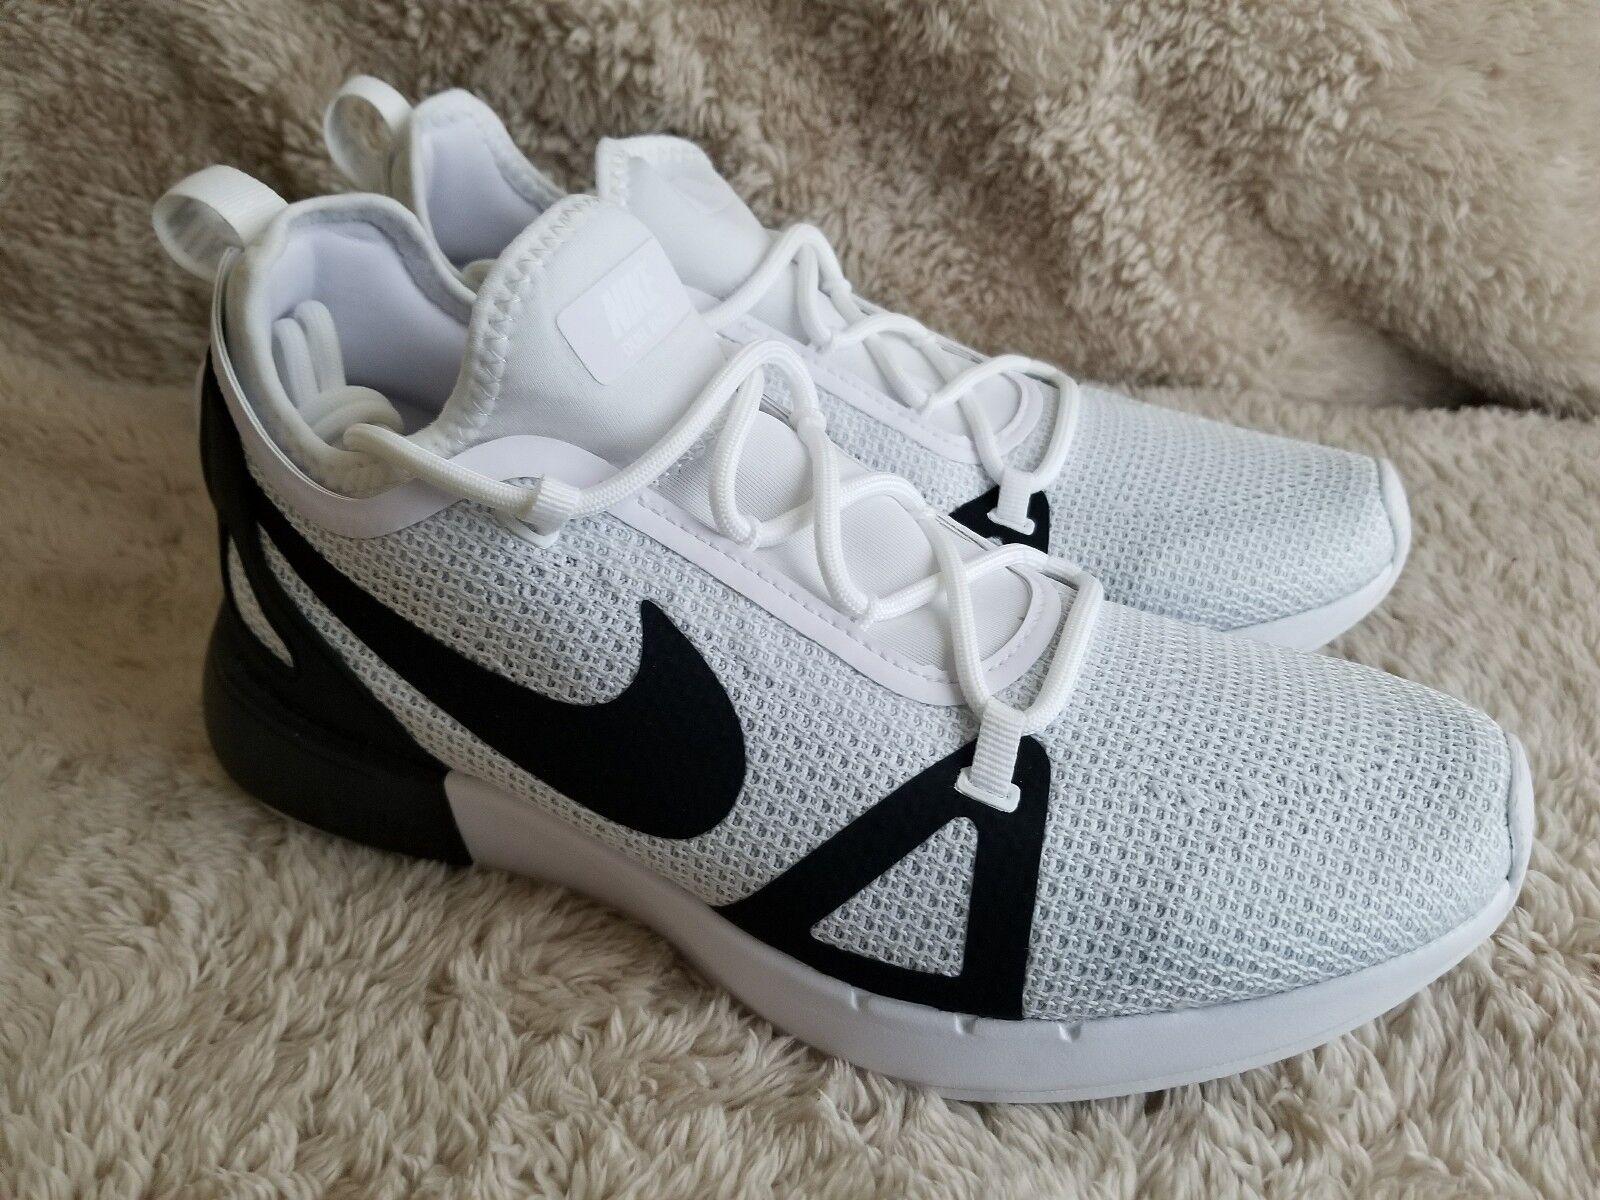 best service 5d4e9 f2a42 ... Nike Duel Racer 918228-102 White Black Platinum Men s Sportswear  Sportswear Sportswear Running shoes 47d3ea ...